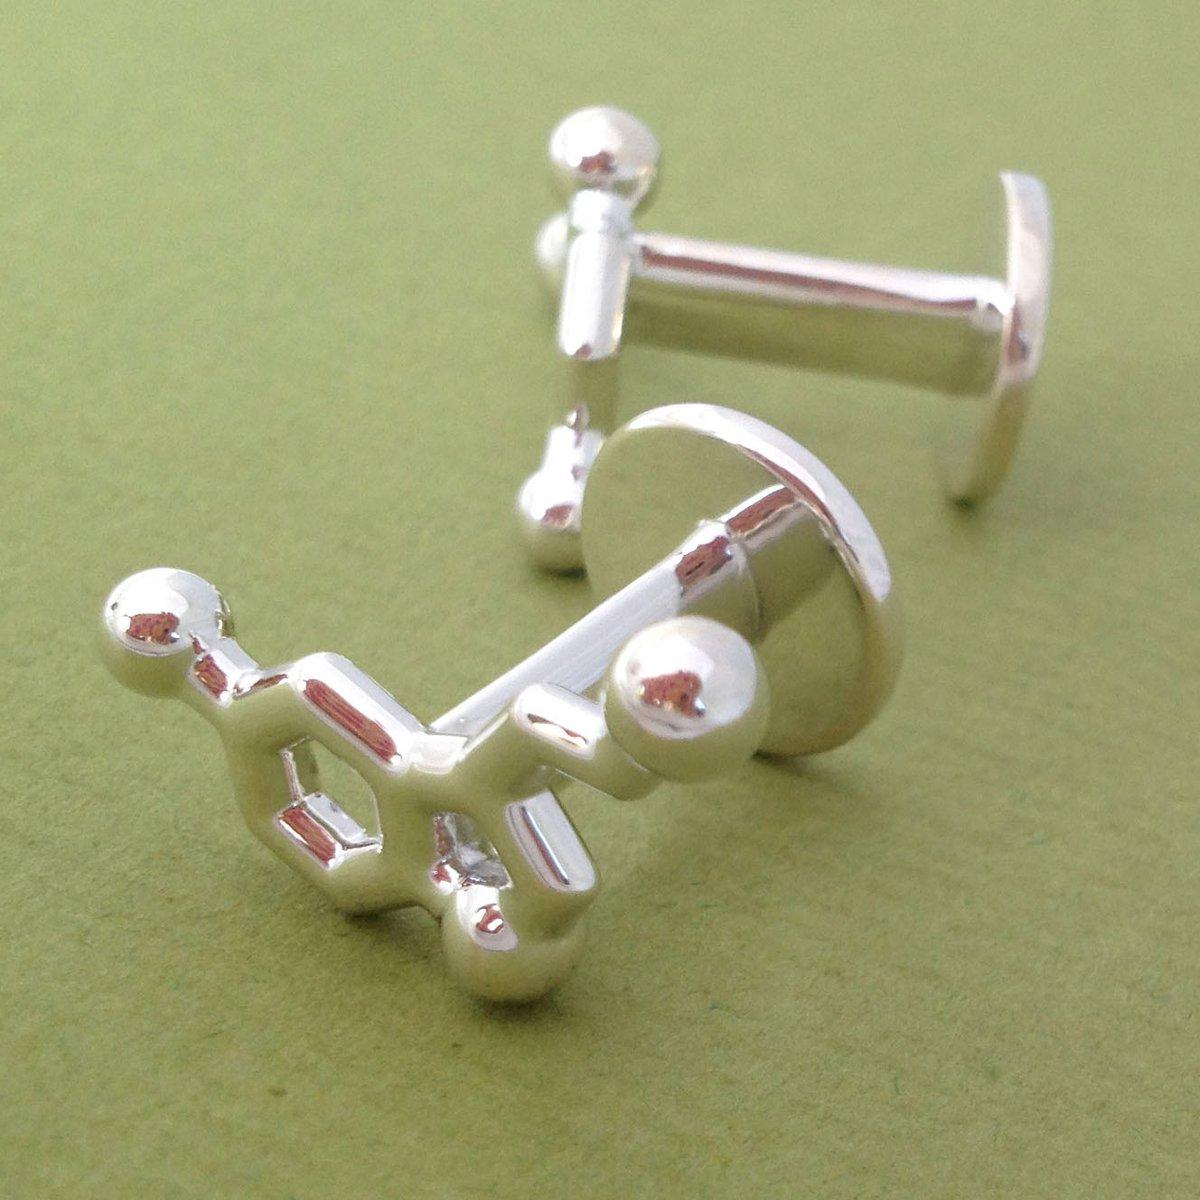 Image of serotonin cufflinks